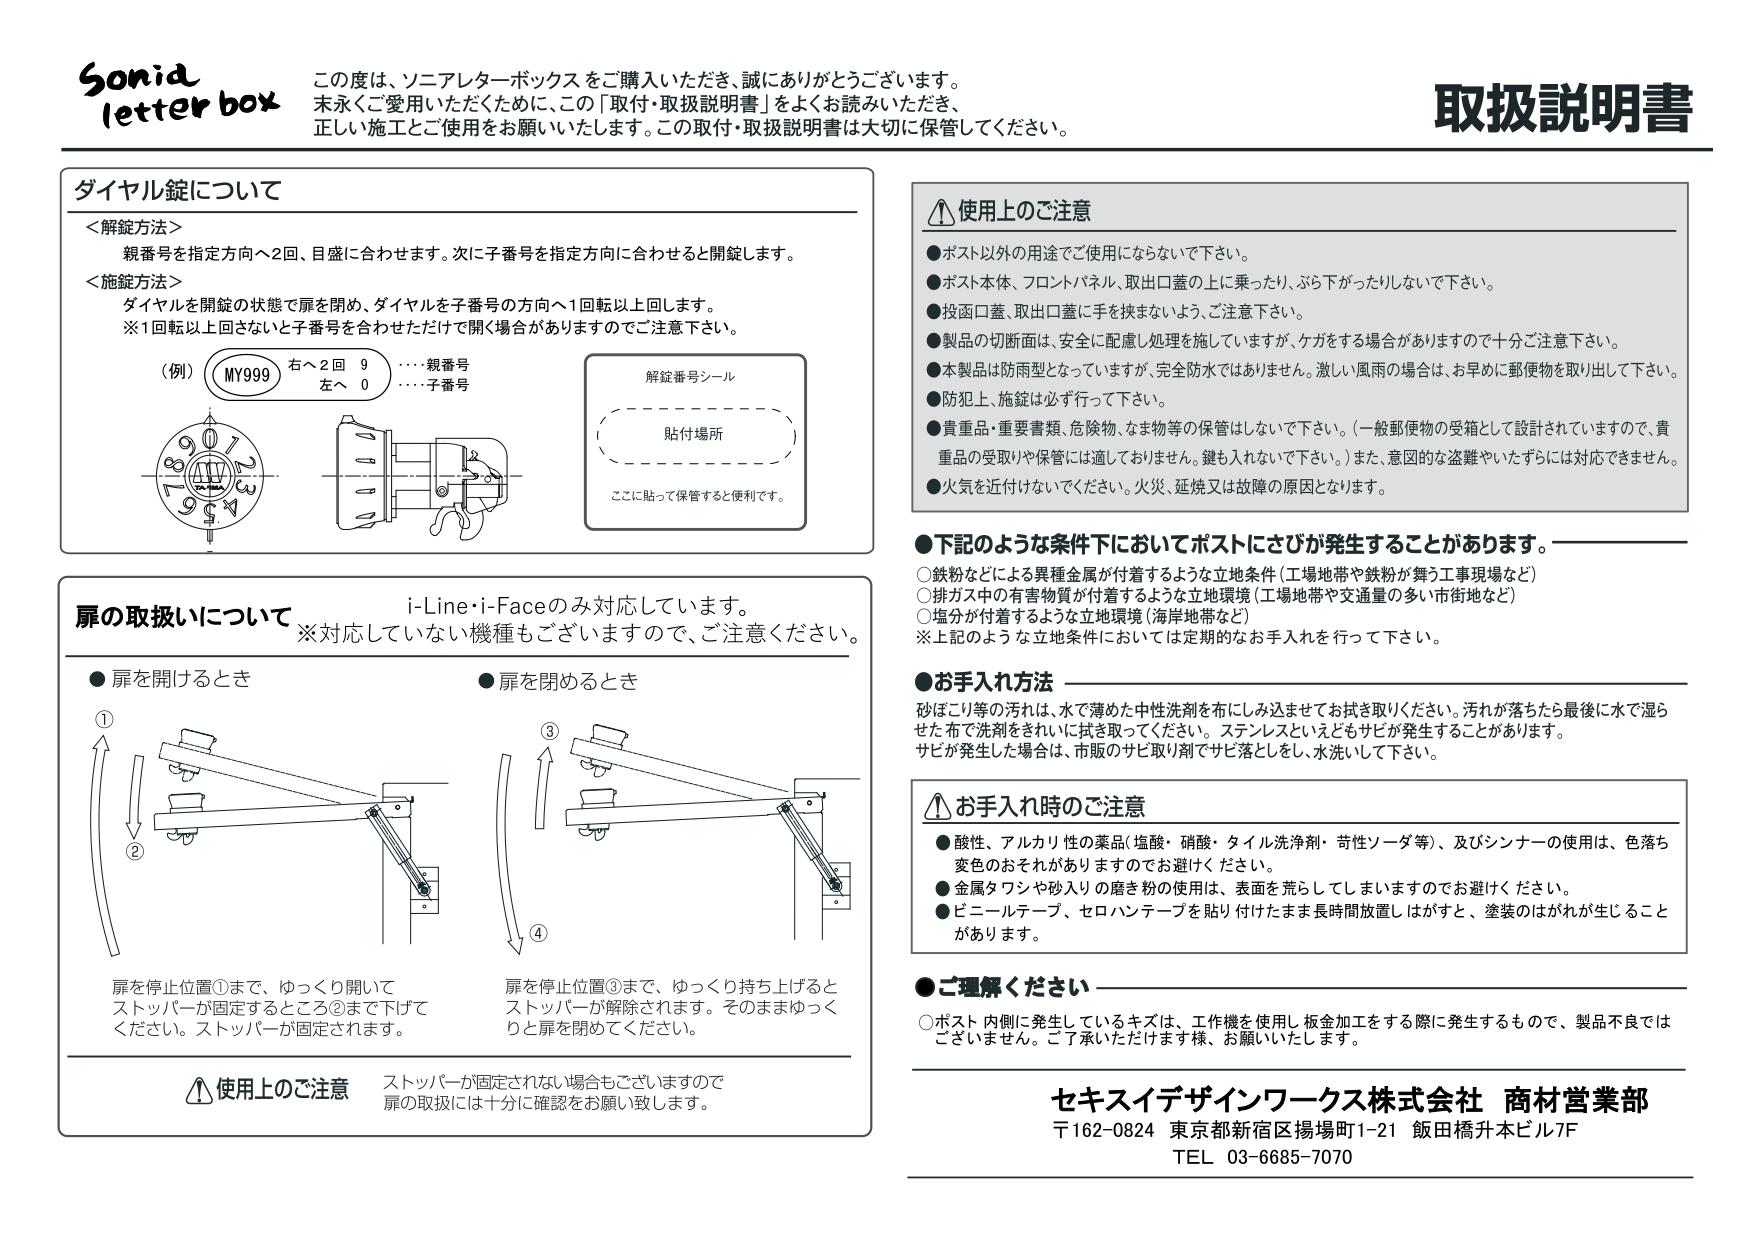 アイライン タイプR 施工説明書_page-0001